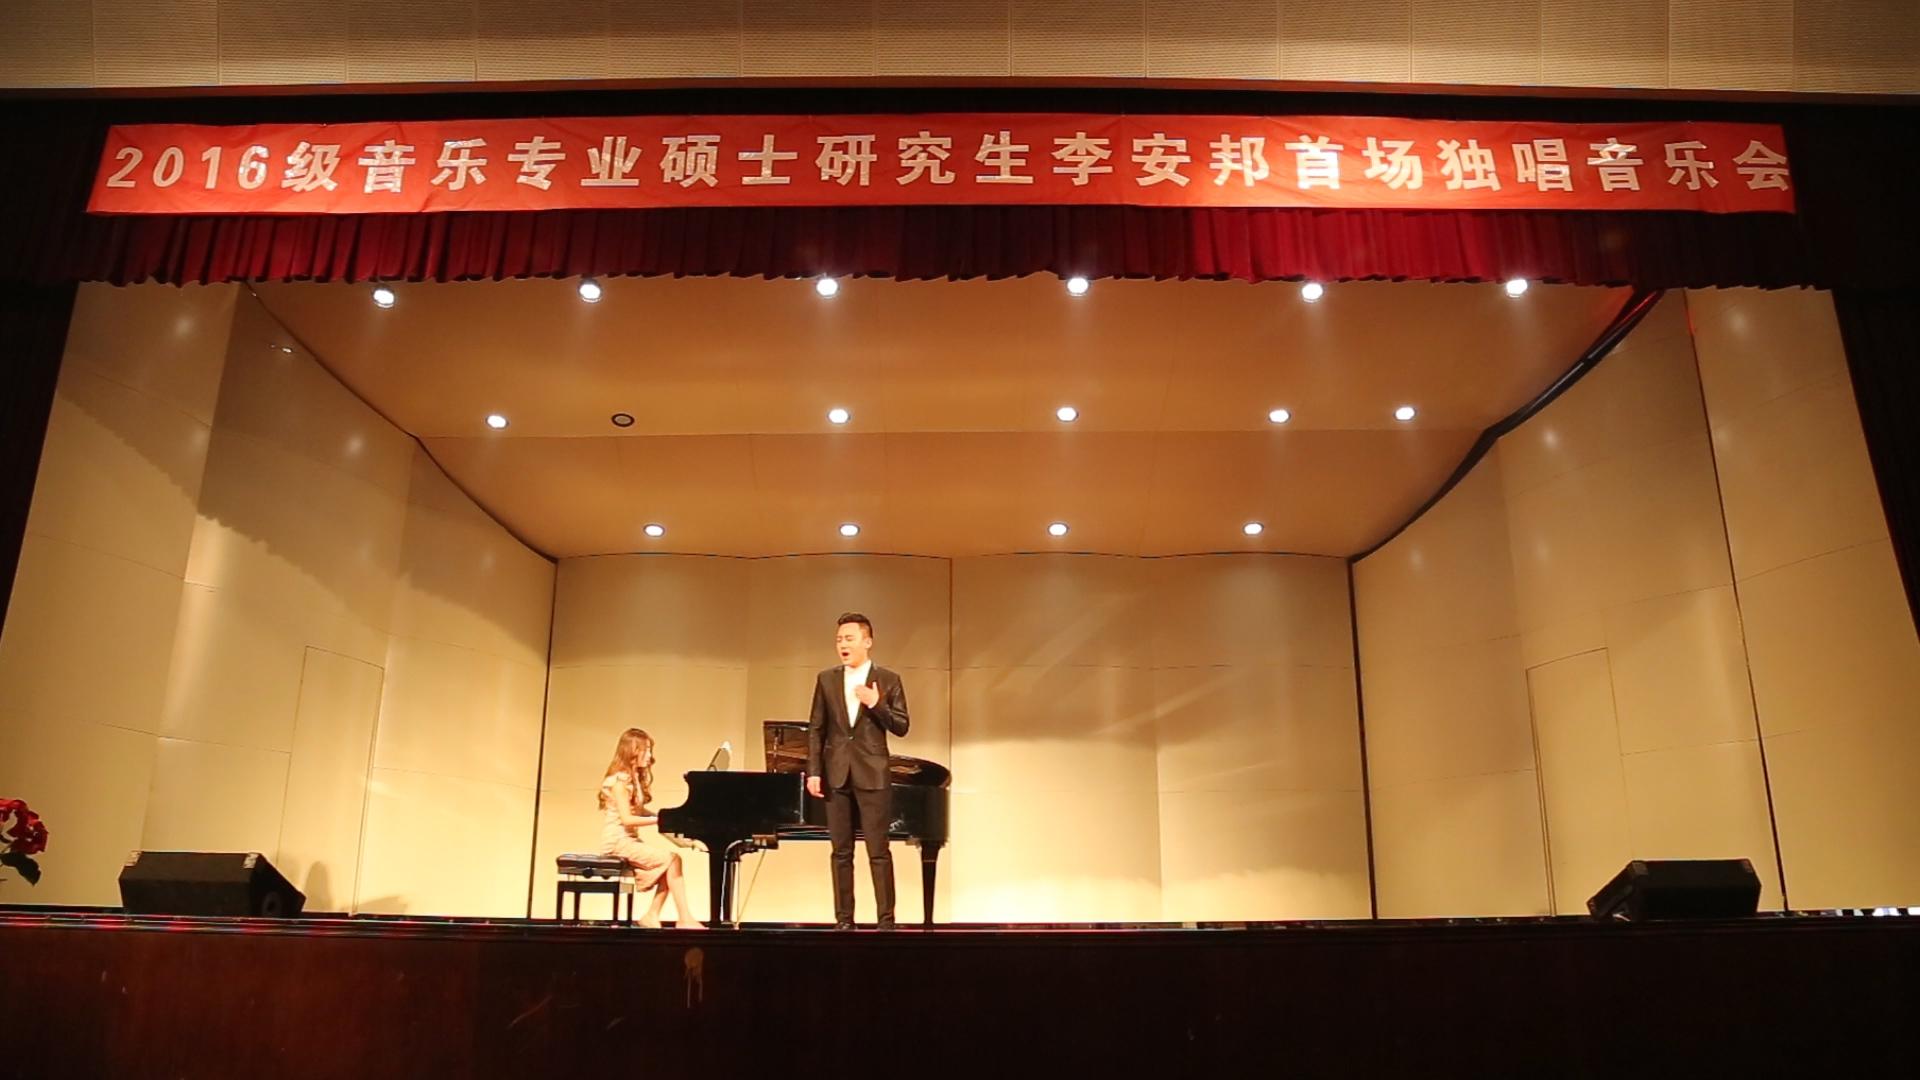 音乐资讯_李安邦硕士研究生首场独唱音乐会成功举办